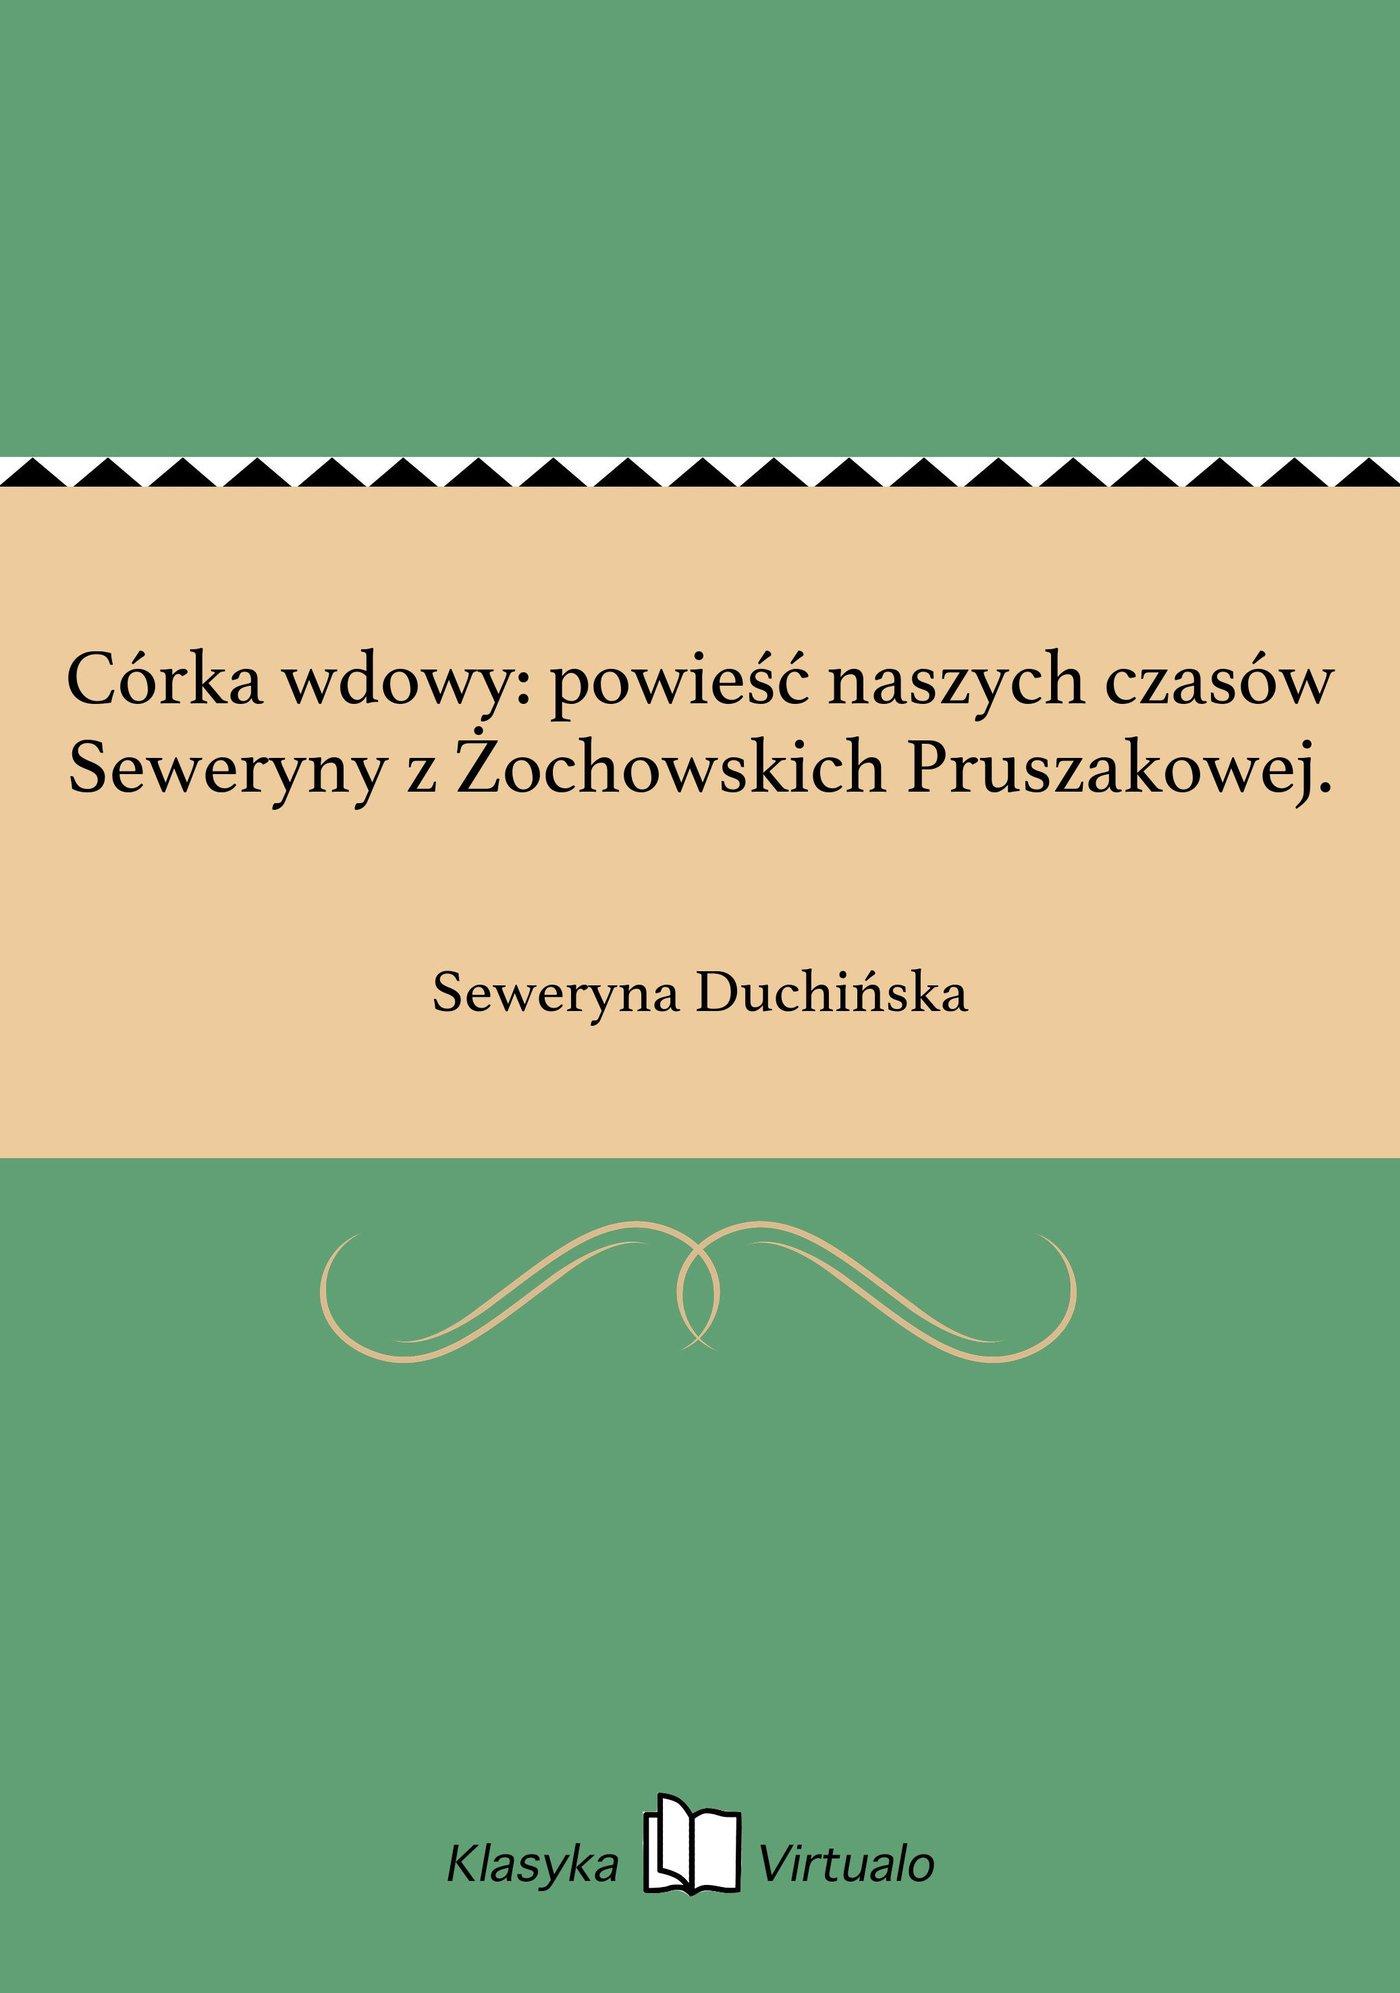 Córka wdowy: powieść naszych czasów Seweryny z Żochowskich Pruszakowej. - Ebook (Książka EPUB) do pobrania w formacie EPUB